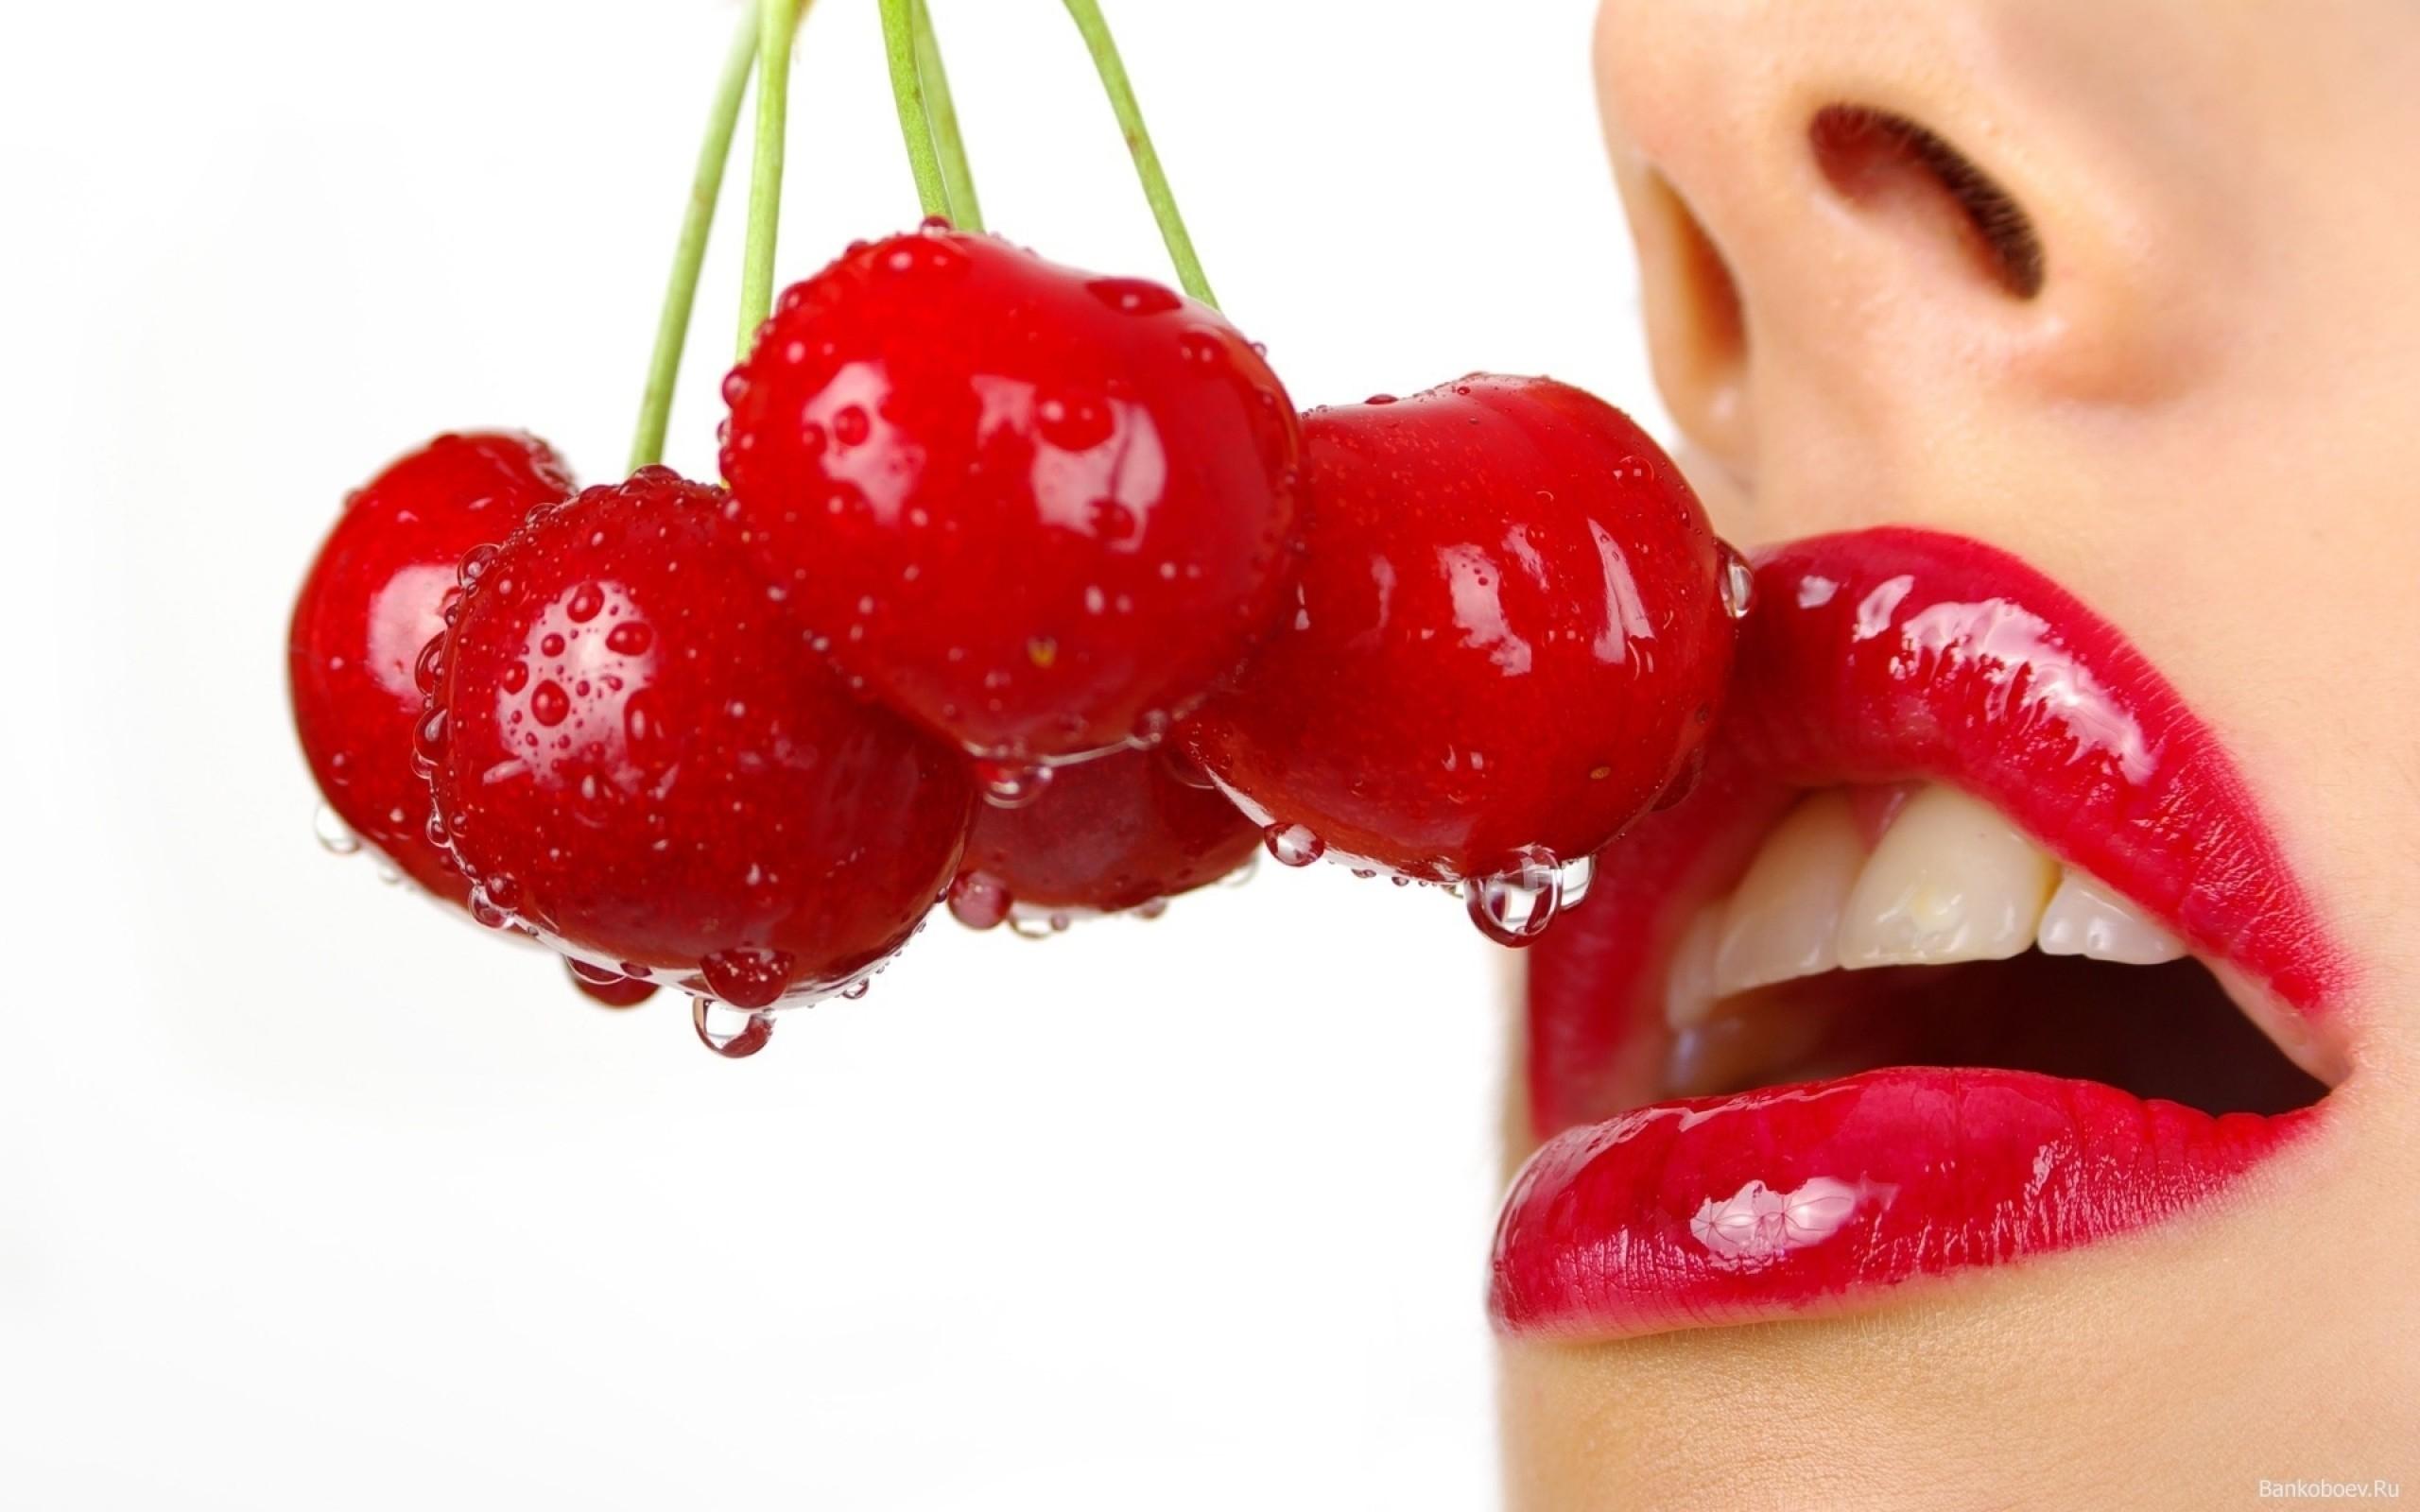 Labios y cerezas rojas - 2560x1600